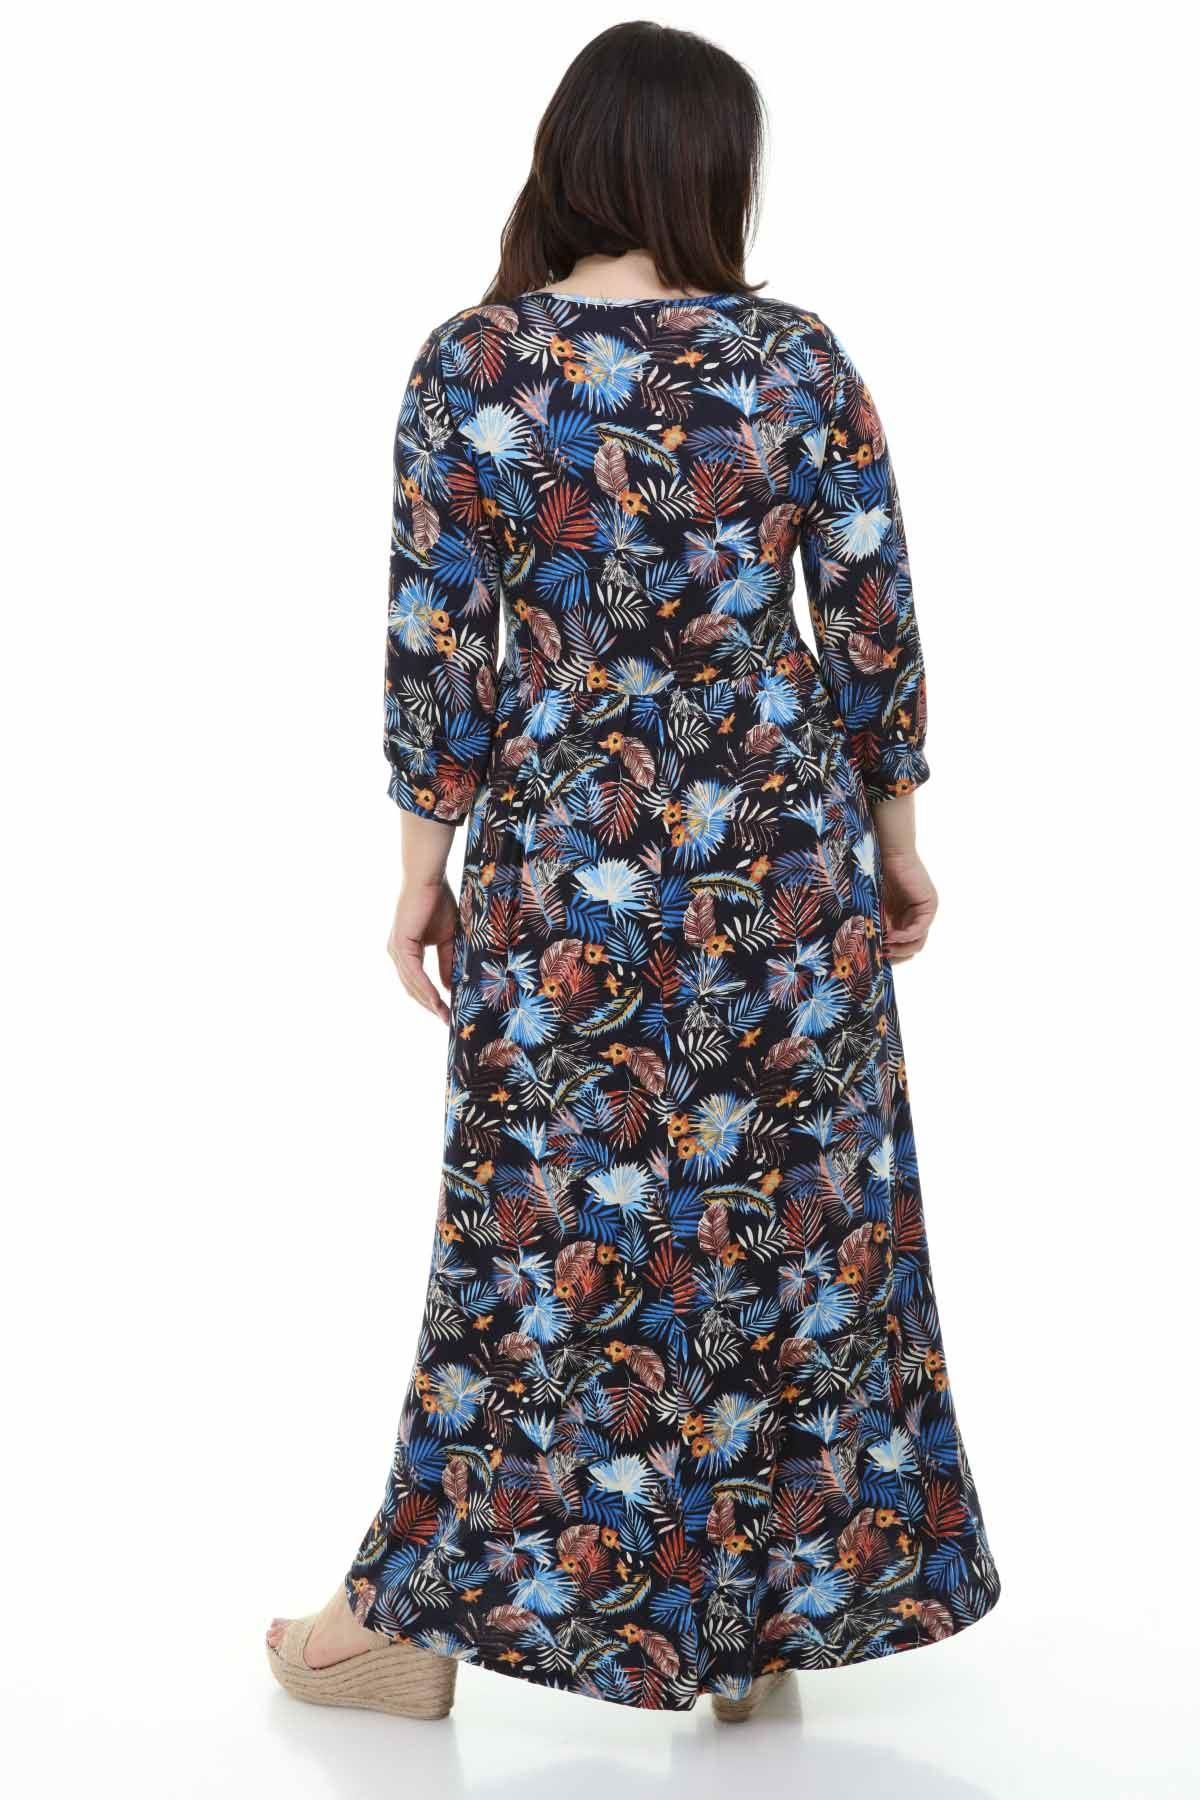 Mavi Çiçekli Siyah Büyük Beden Elbise 18E-1254